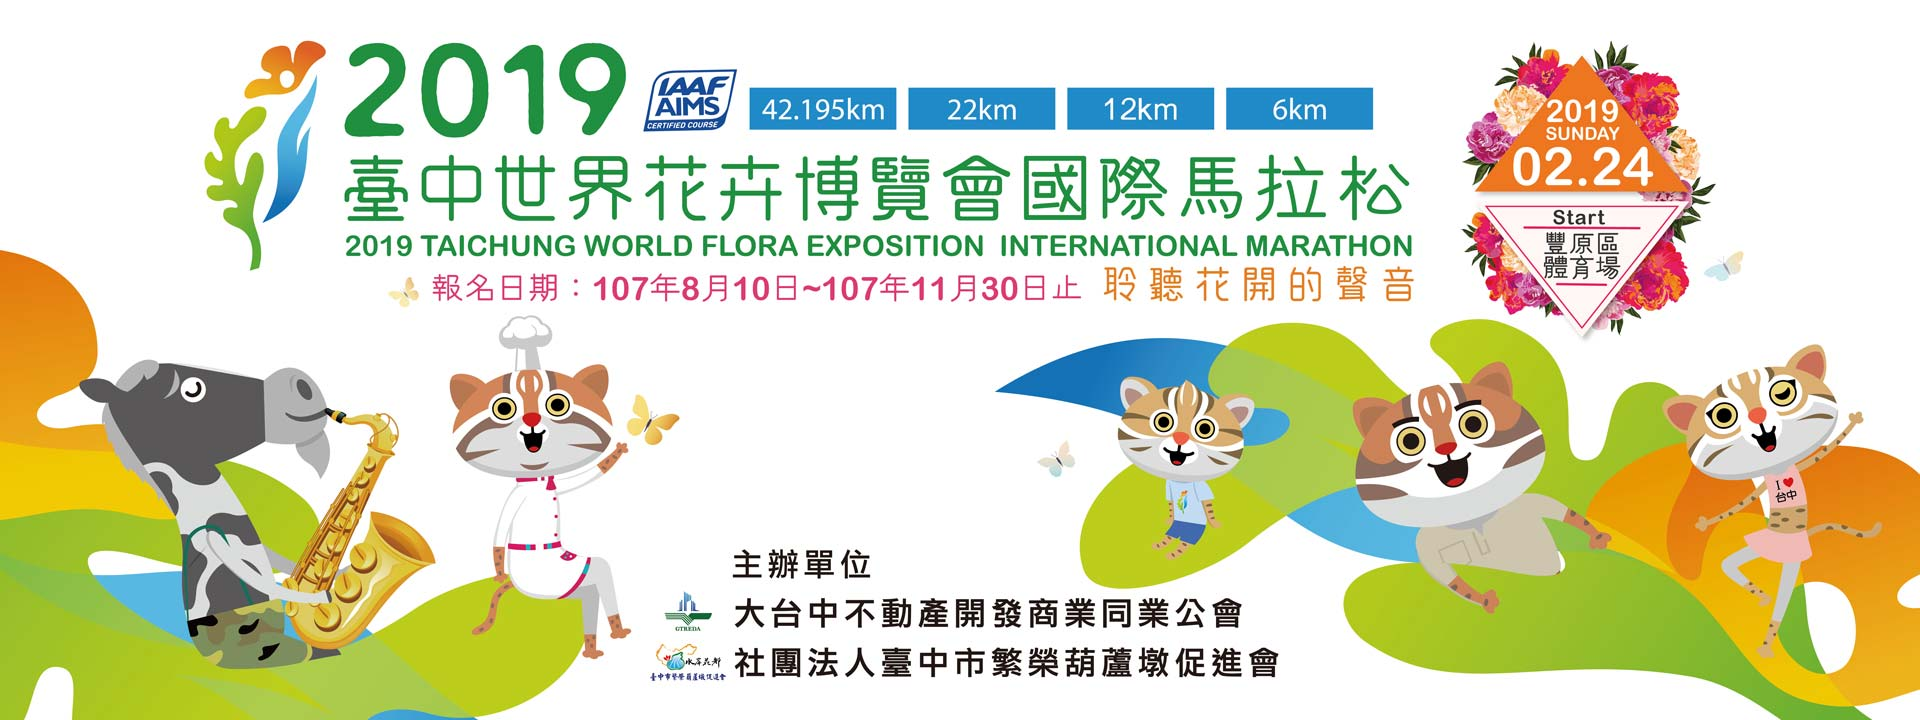 2019 臺中世界花卉博覽會國際馬拉松-聆聽花開的聲音